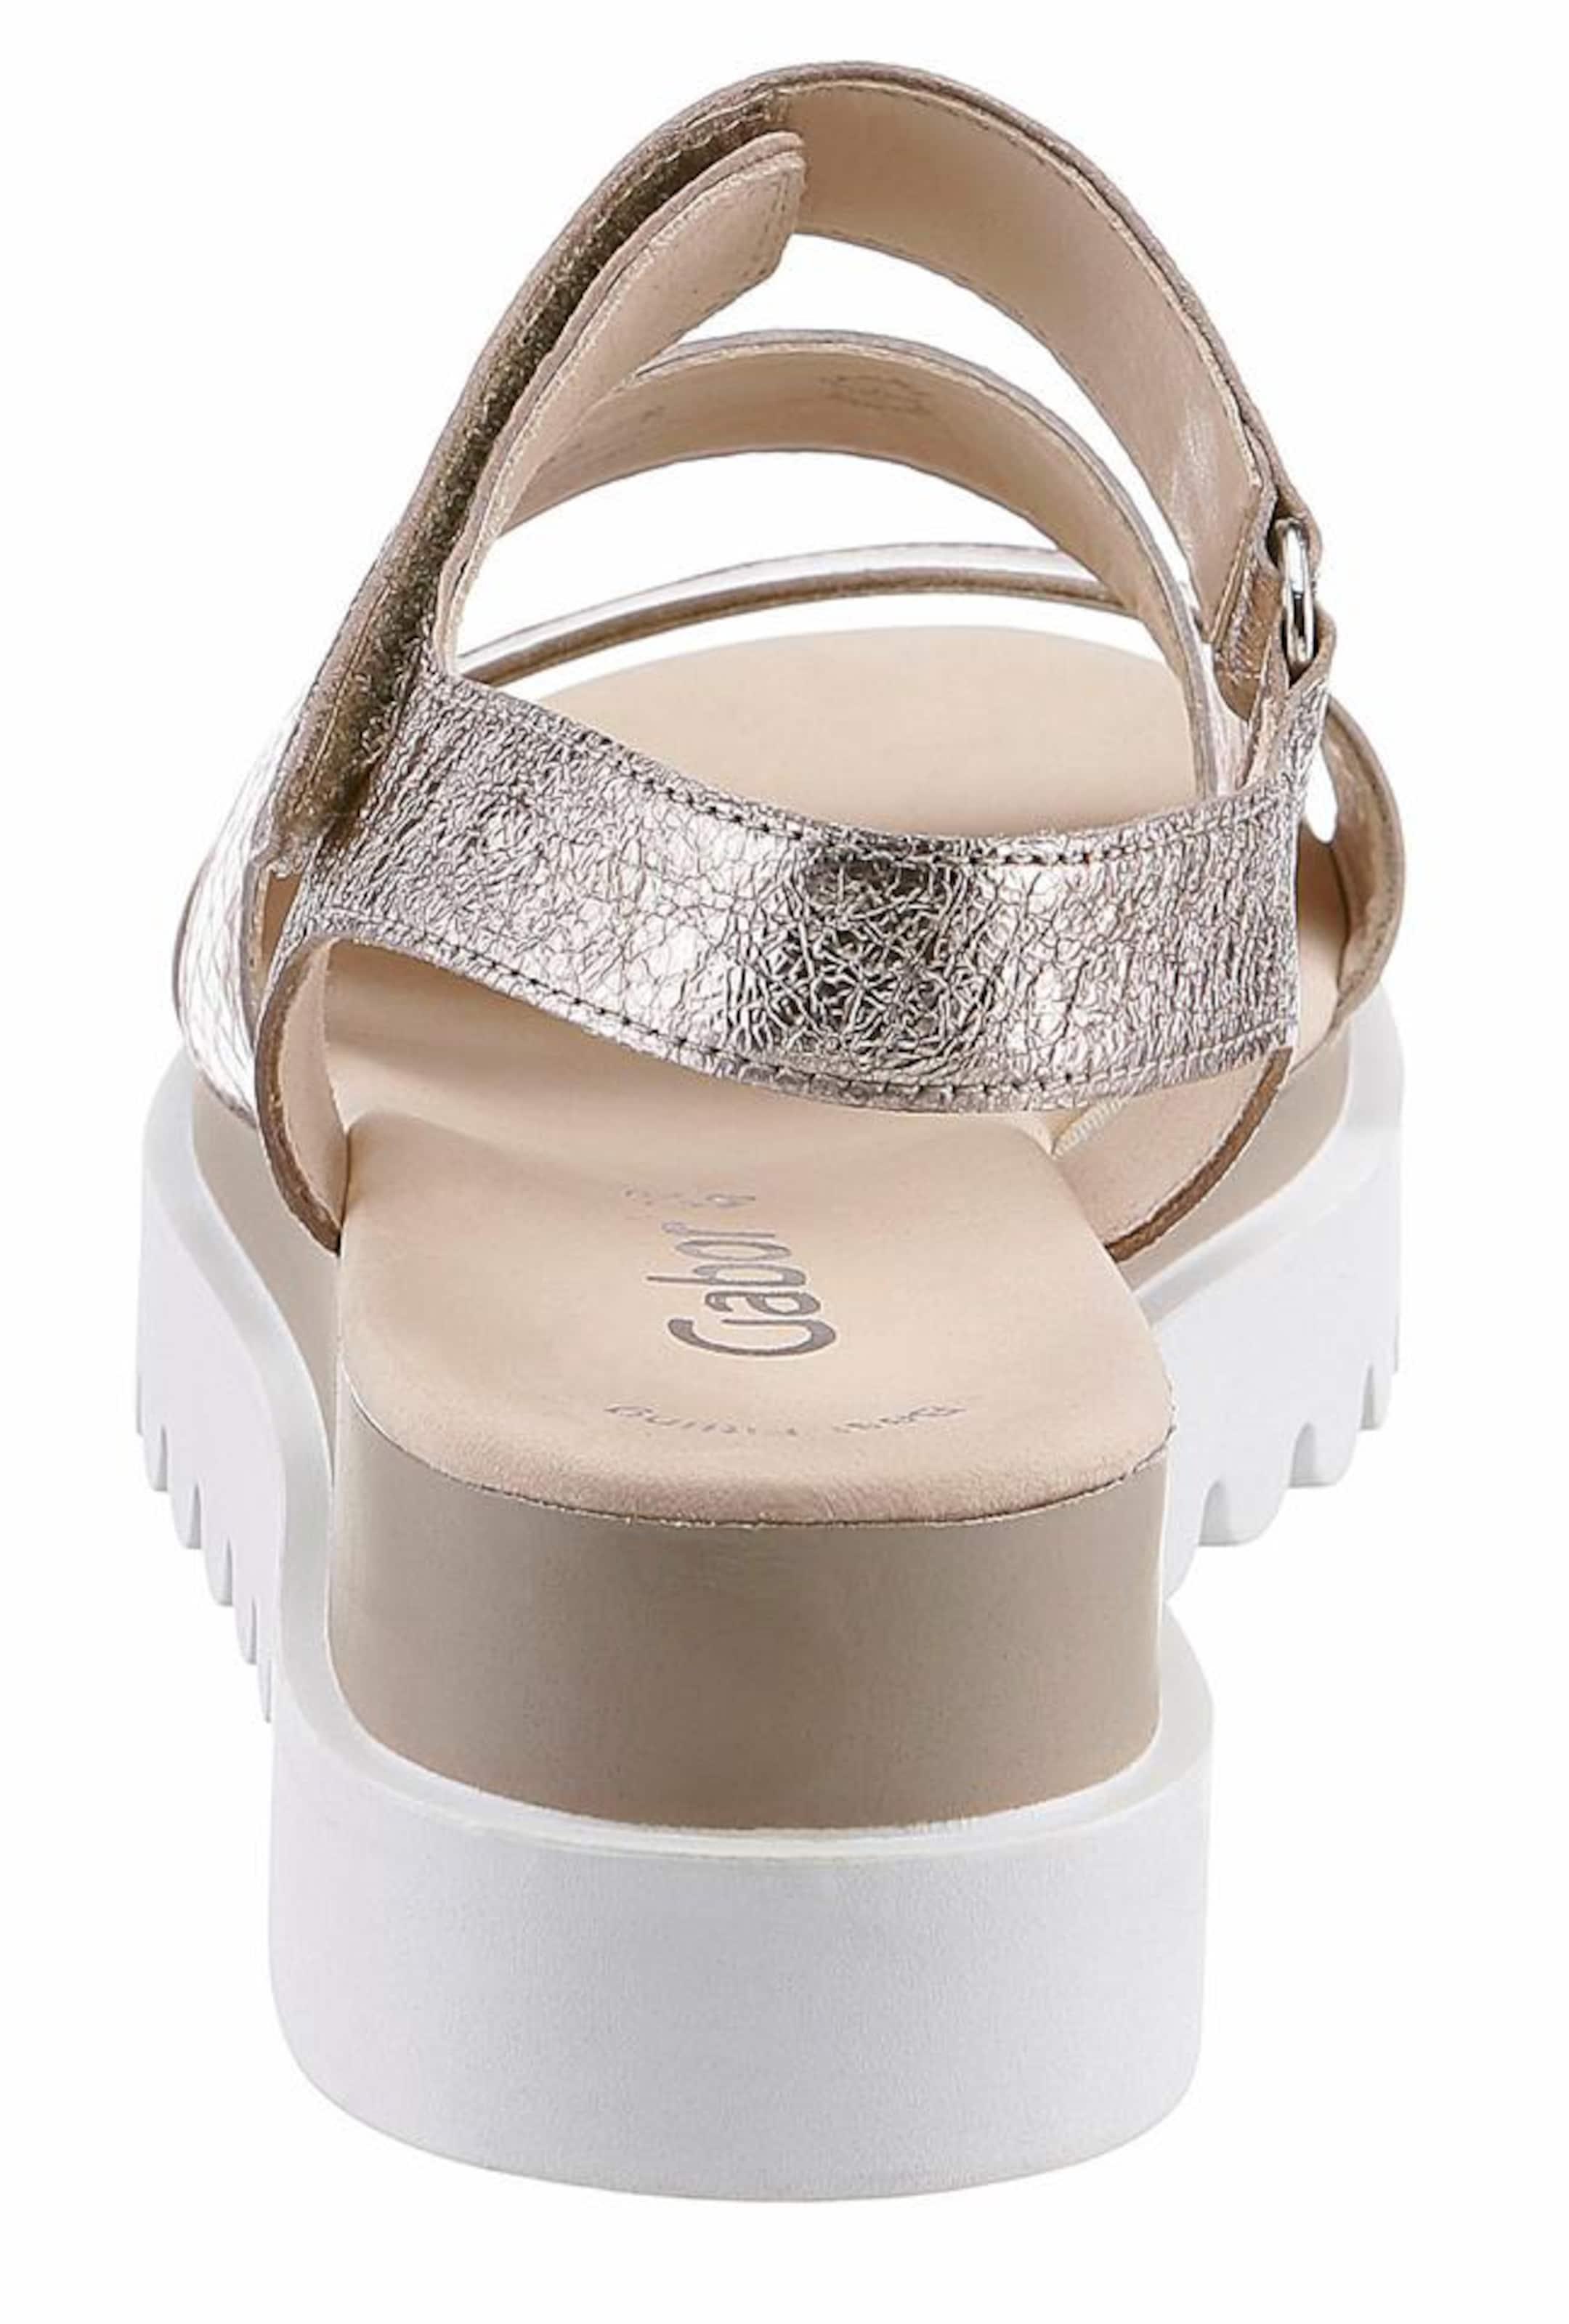 Sandalette In In Rosegold Gabor Sandalette In Rosegold Rosegold Sandalette Gabor Gabor Gabor In Sandalette DIHE2W9